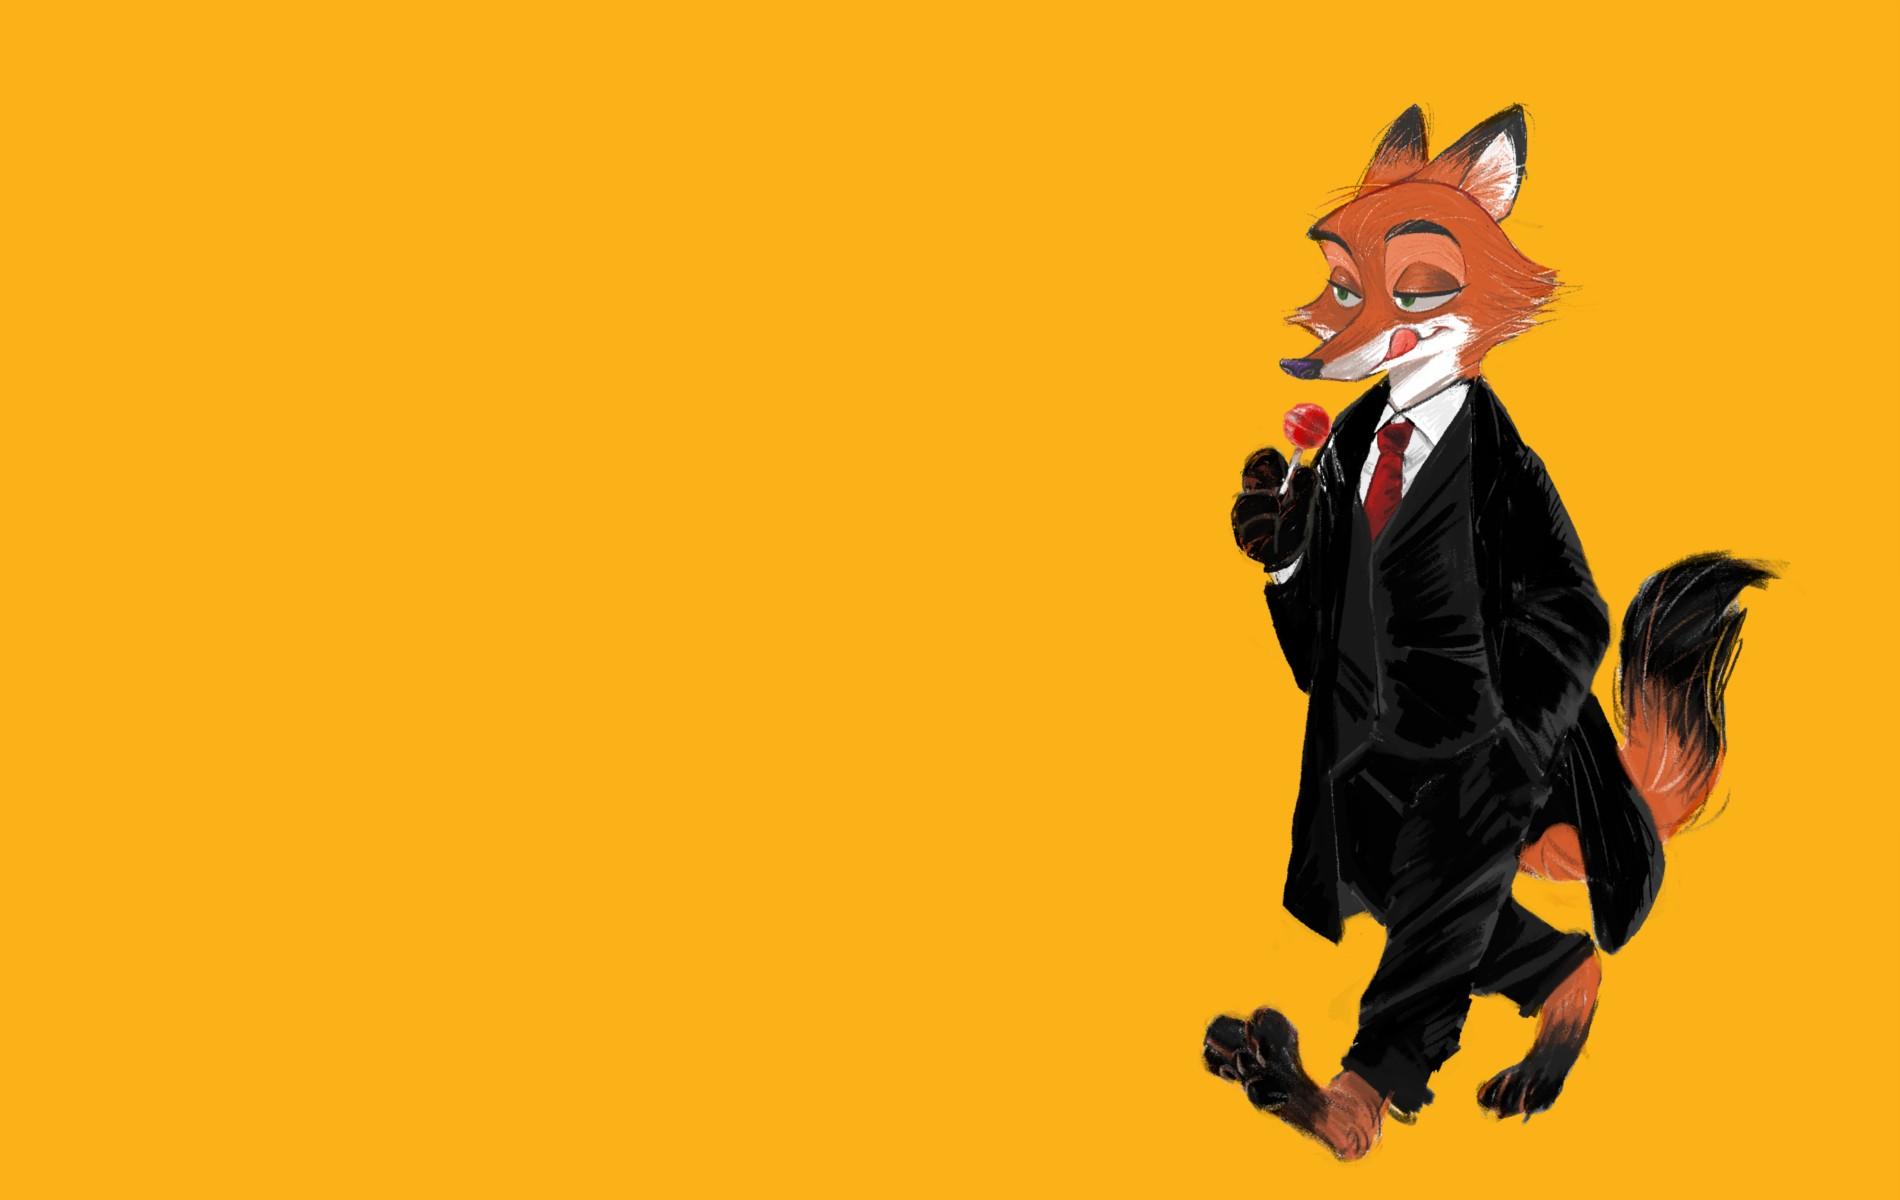 Fond D Ecran Illustration Fond Simple Dessin Anime Zootopie